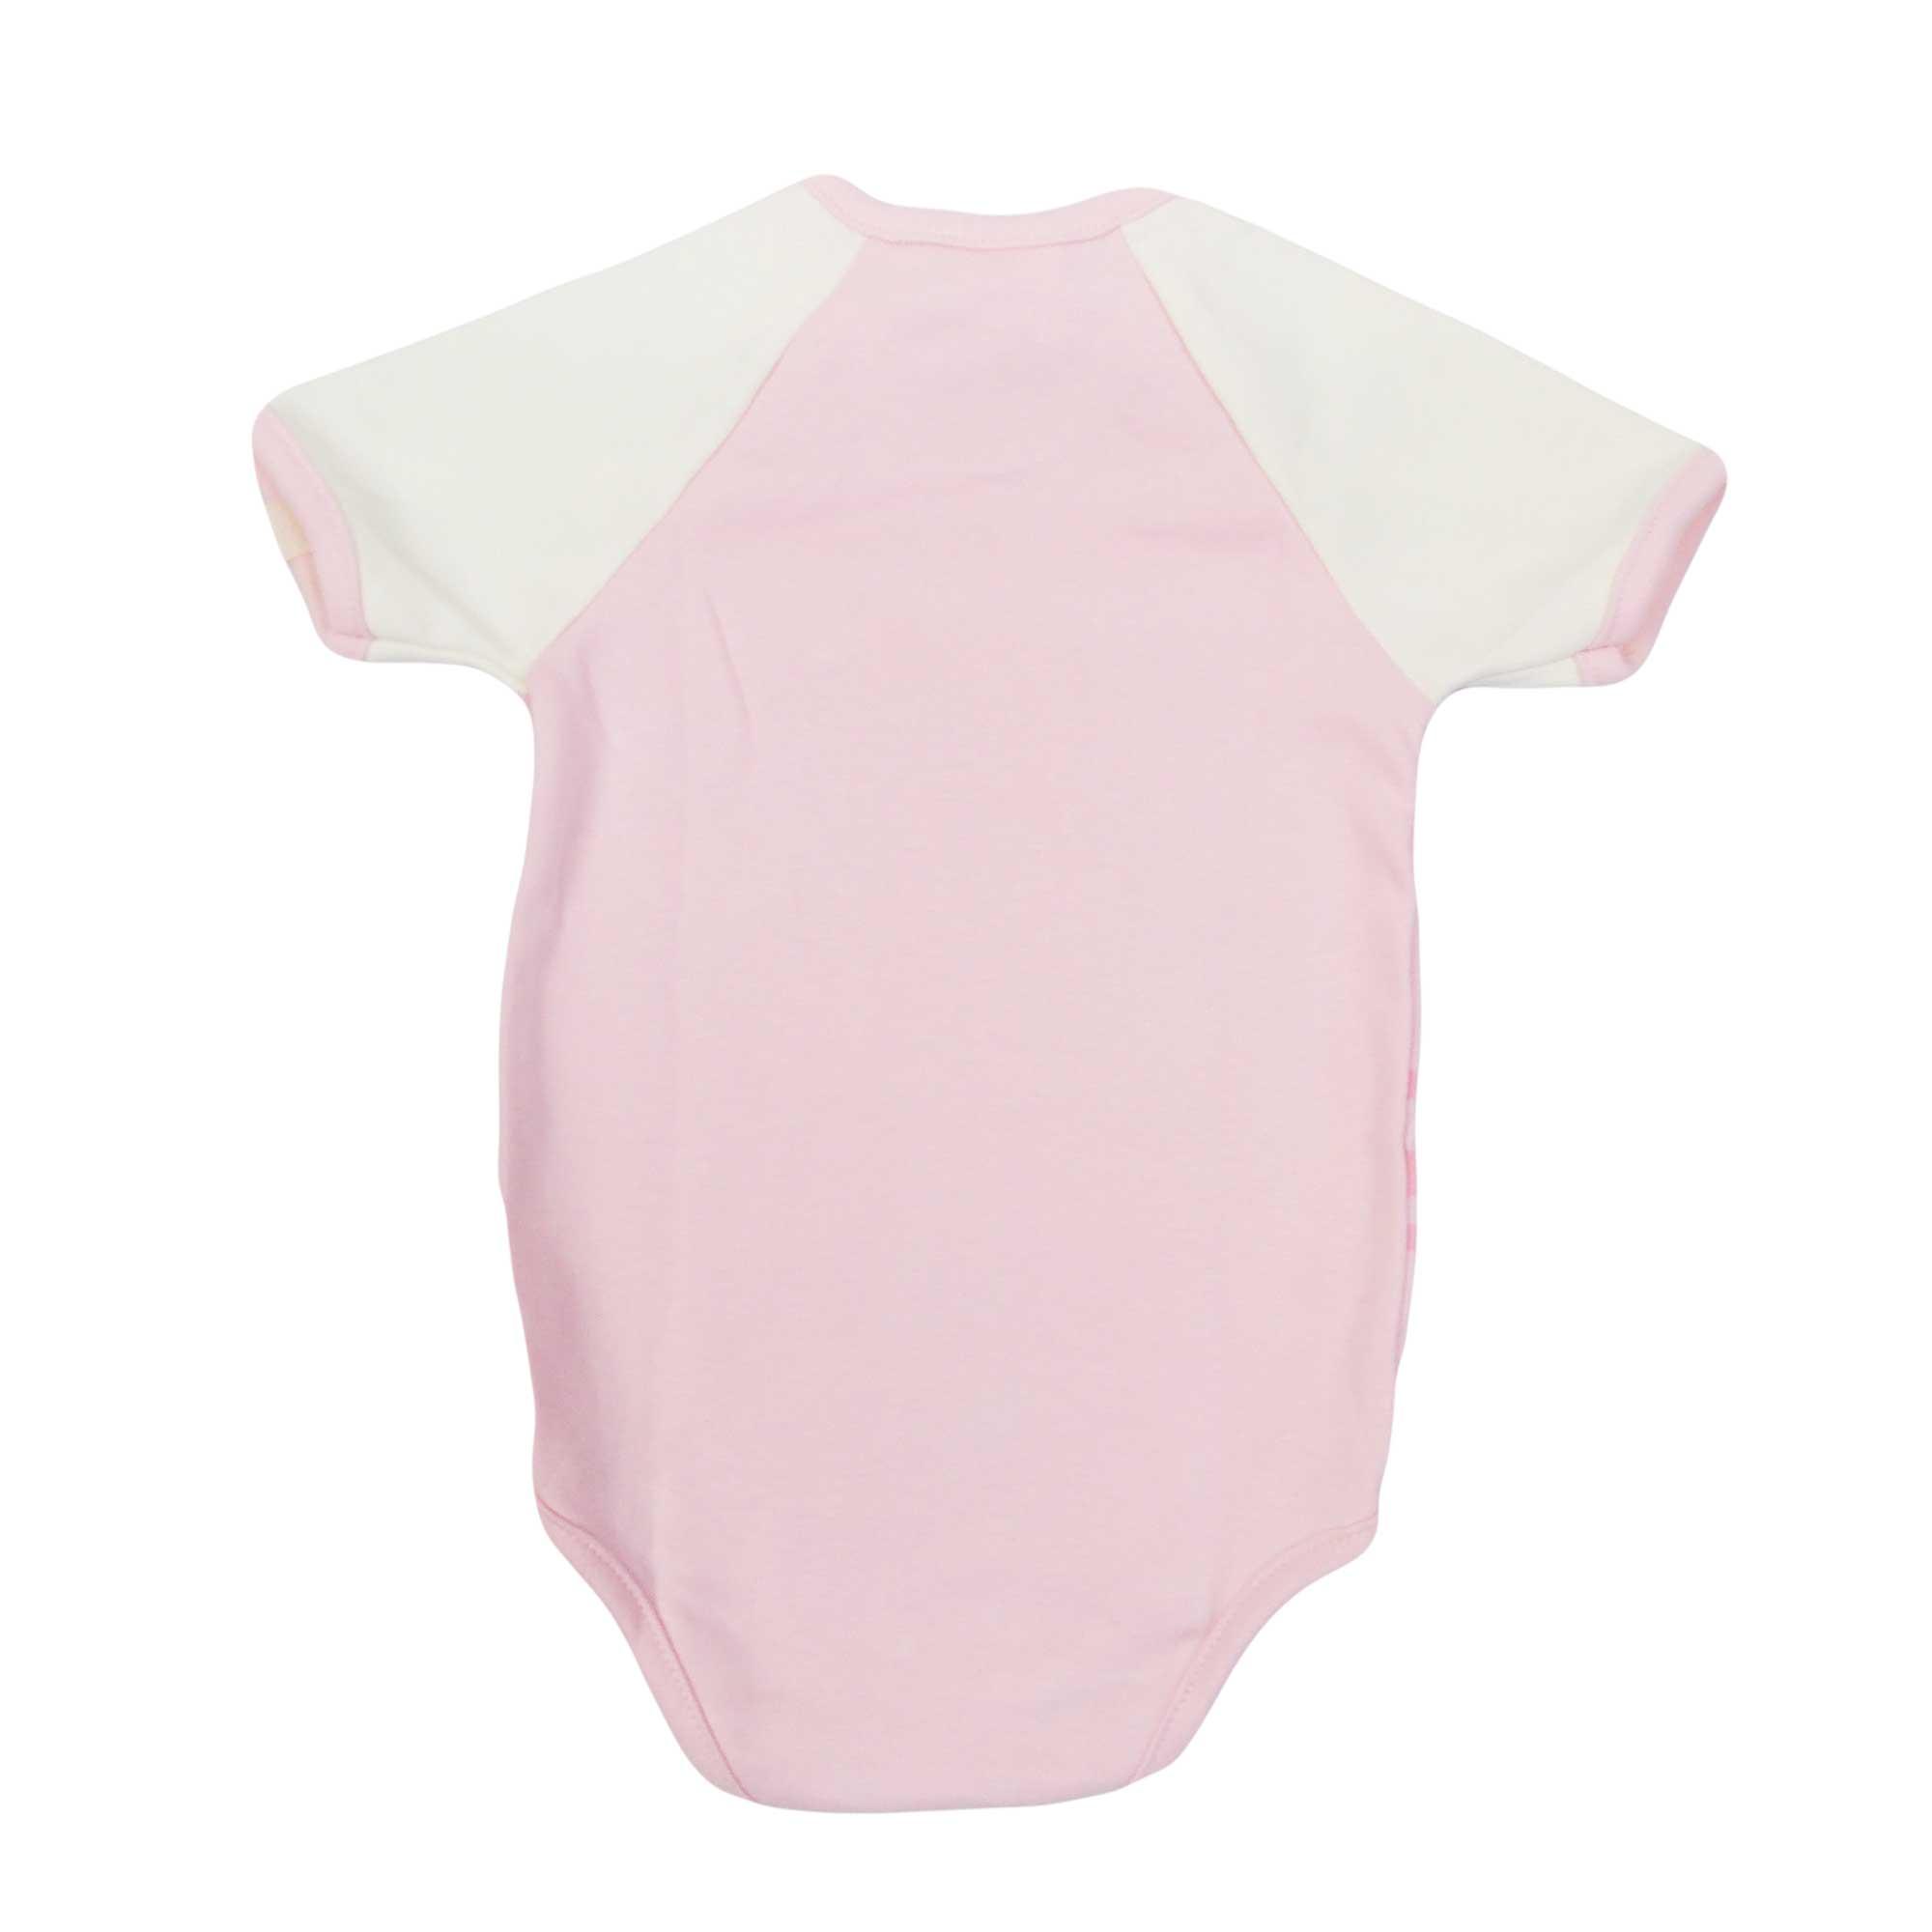 Body Bicho Molhado Bebê Manga Curta Estampado